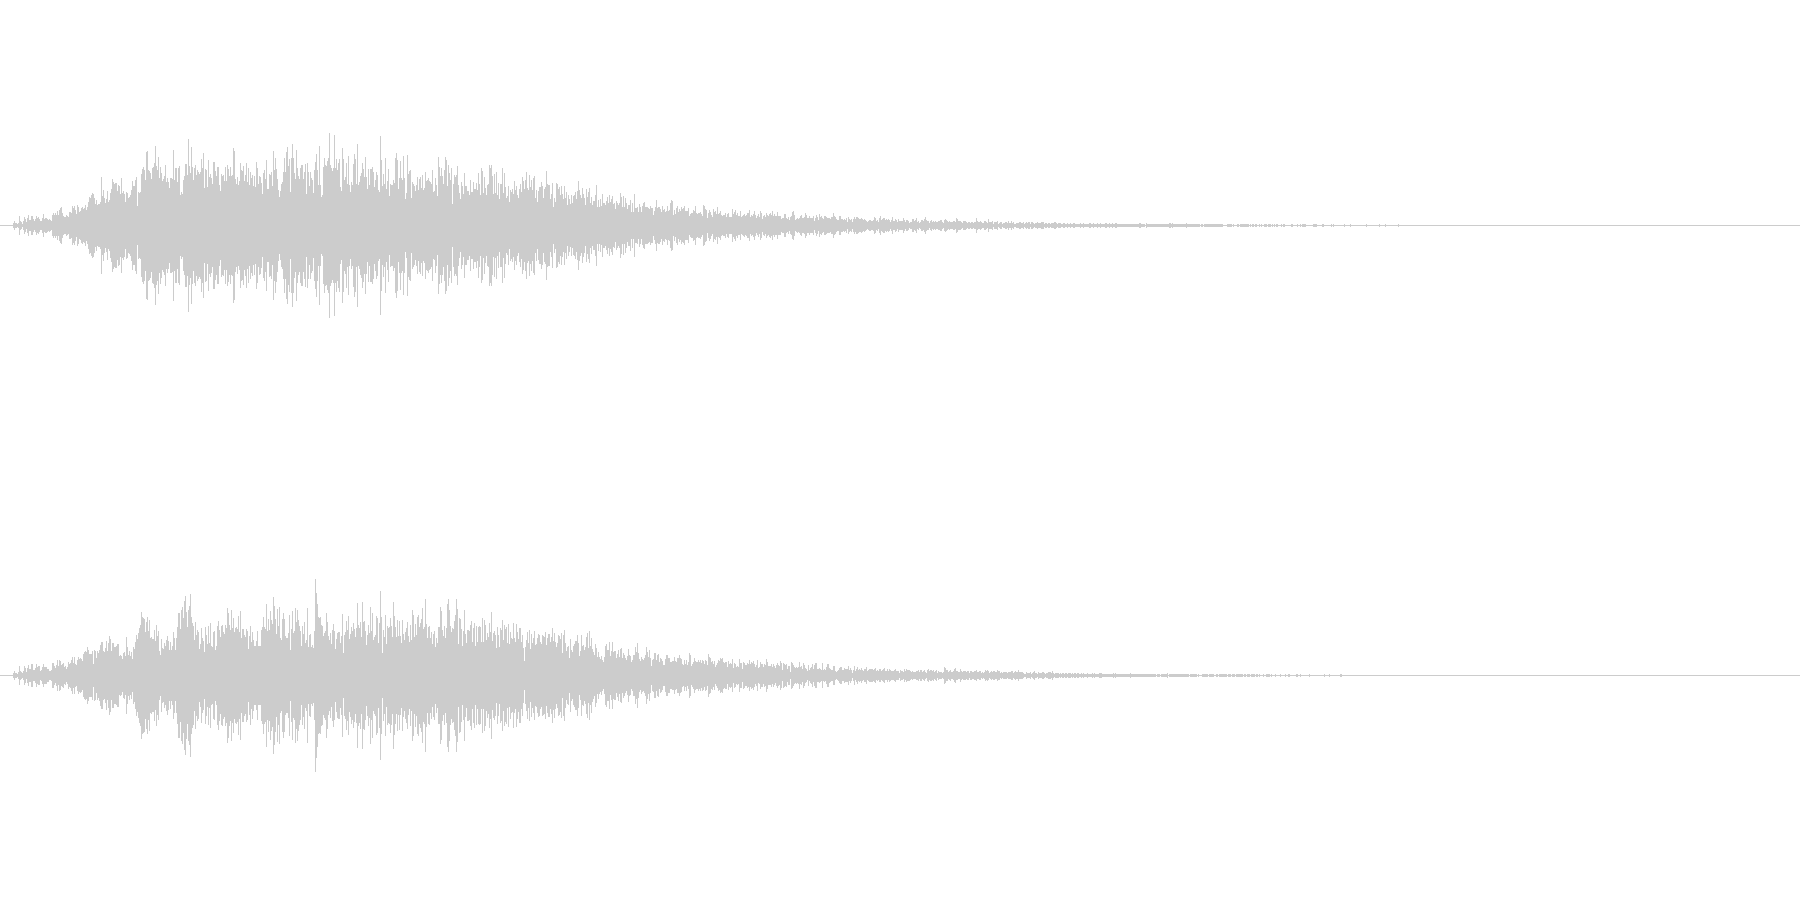 ブォーン(闇の魔法、エフェクト)の未再生の波形